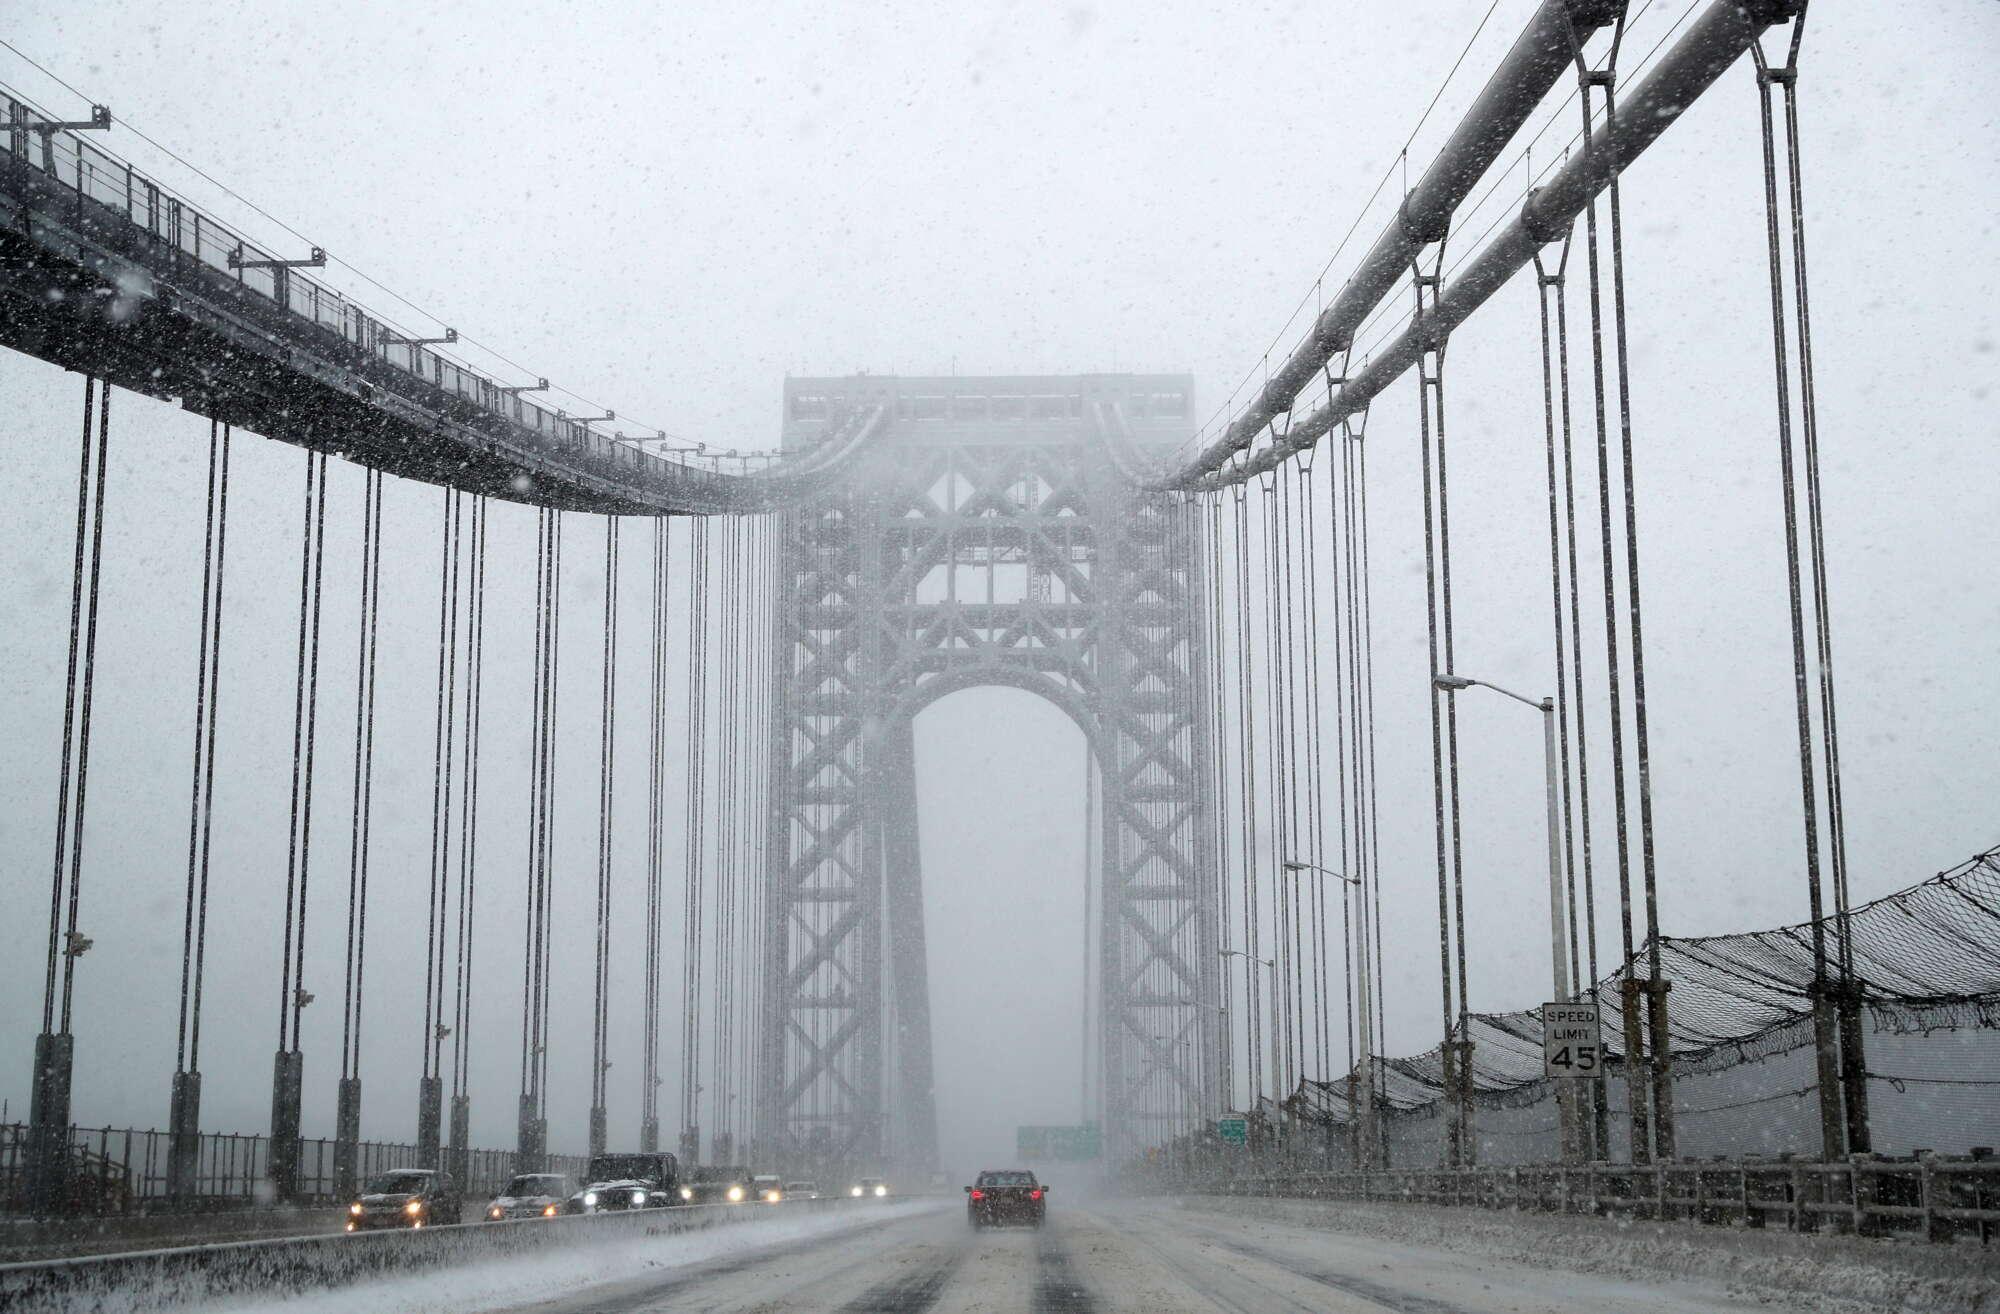 Η γέφυρα Τζορτζ Ουάσιγκτον, στη Νέα Υόρκη την ώρα της πυκνής χιονόπτωσης. Από εικαστικής απόψεως, αριστούργημα...